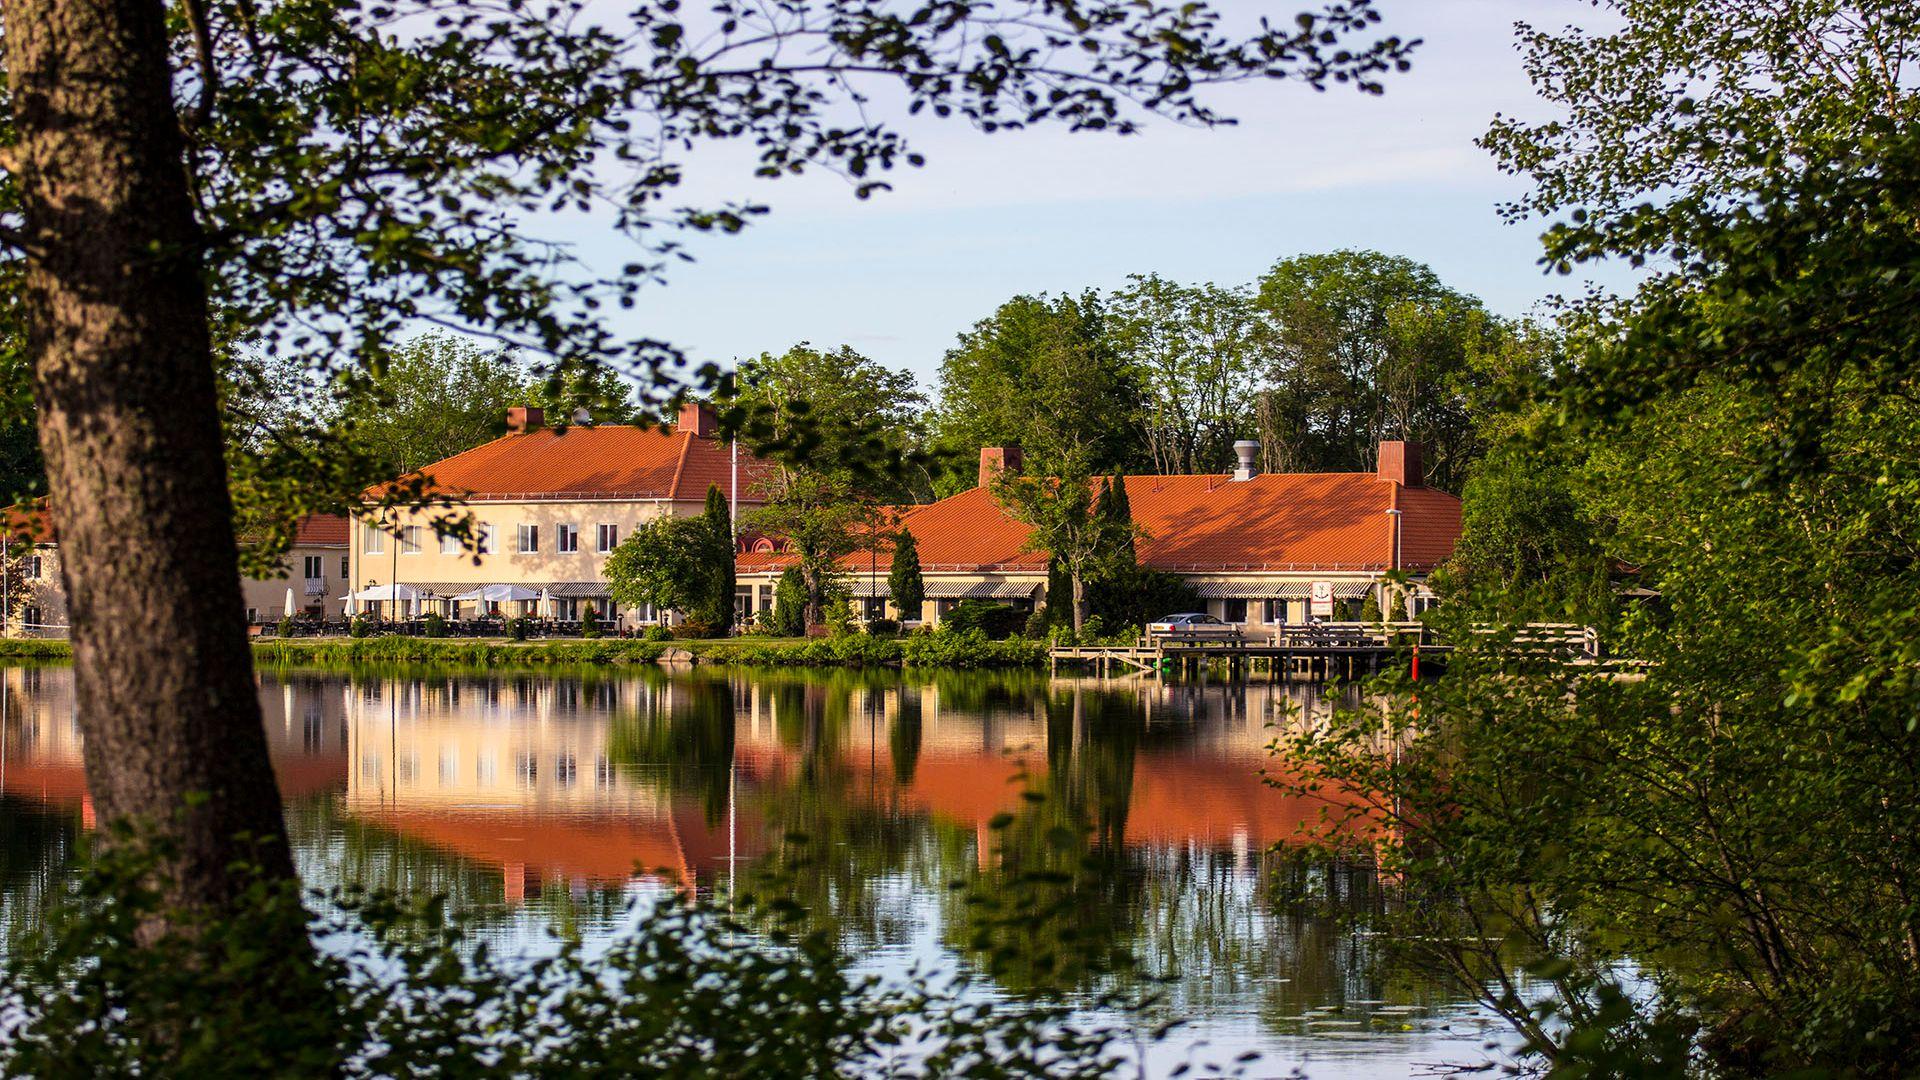 Utsikt över Åsby Hotell i Hallstahammar. Fotograf: Pressbild